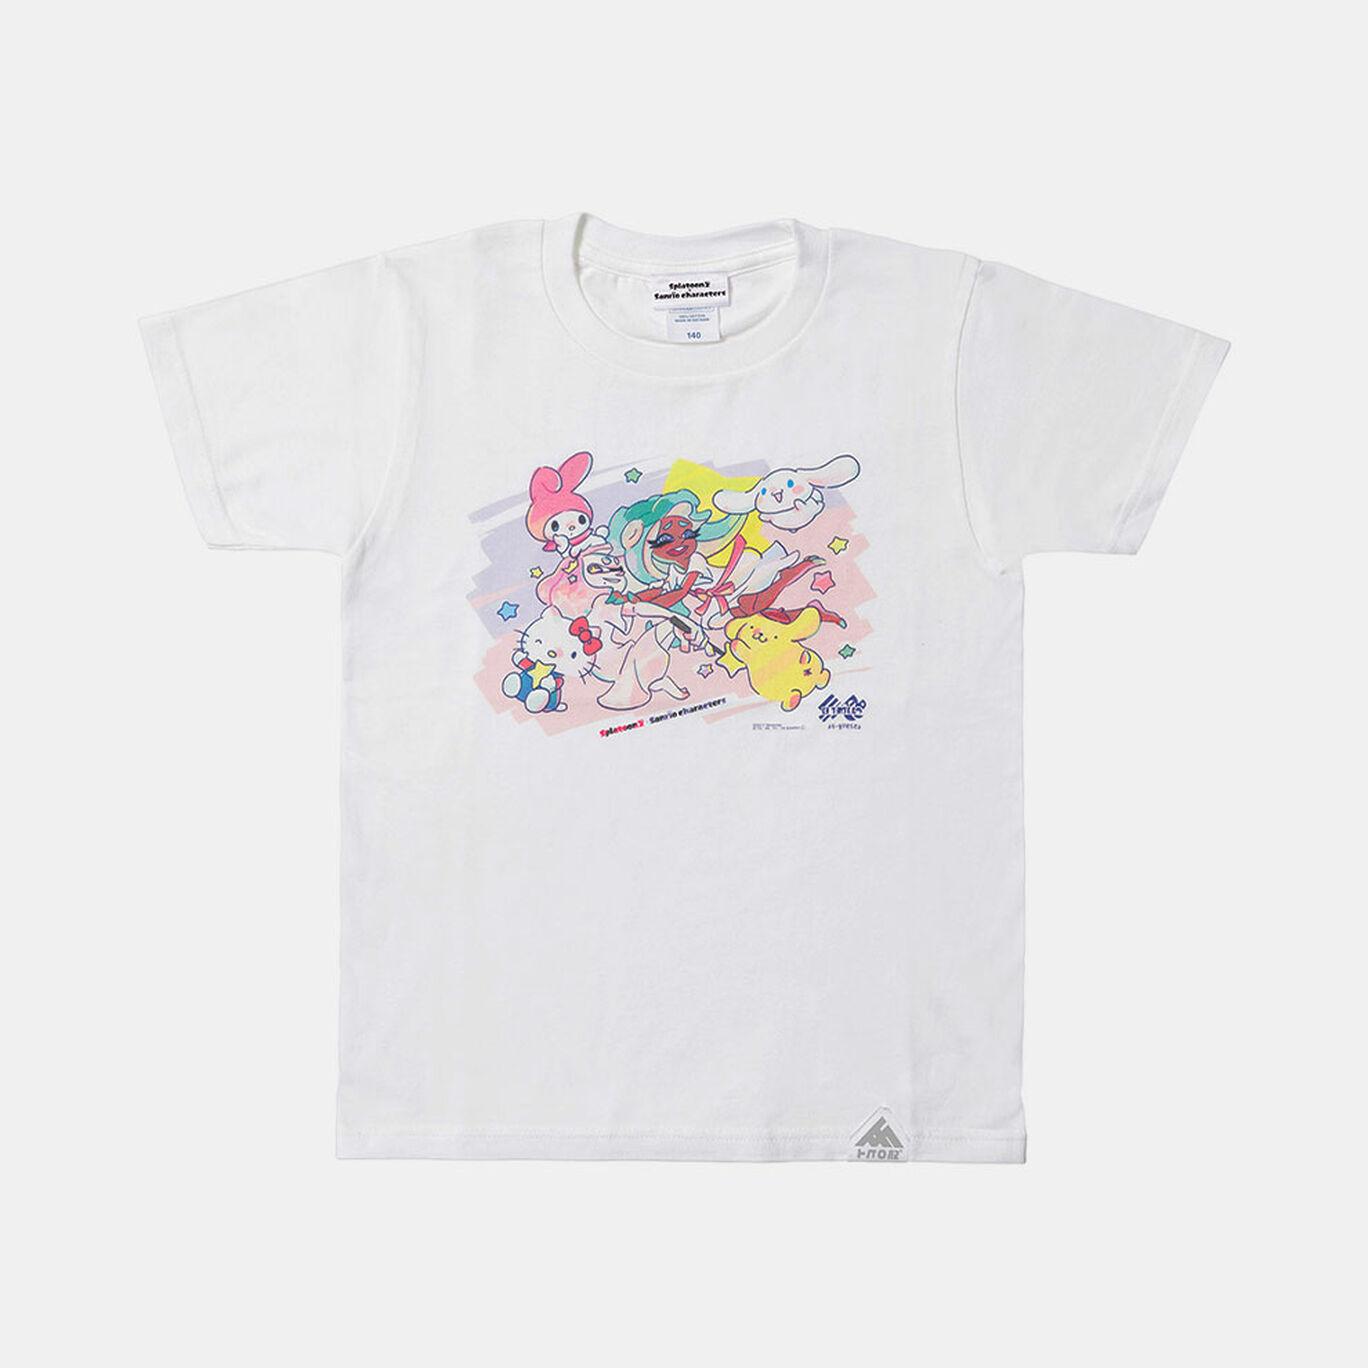 スプラトゥーン2×サンリオキャラクターズ Tシャツ テンタクルズ